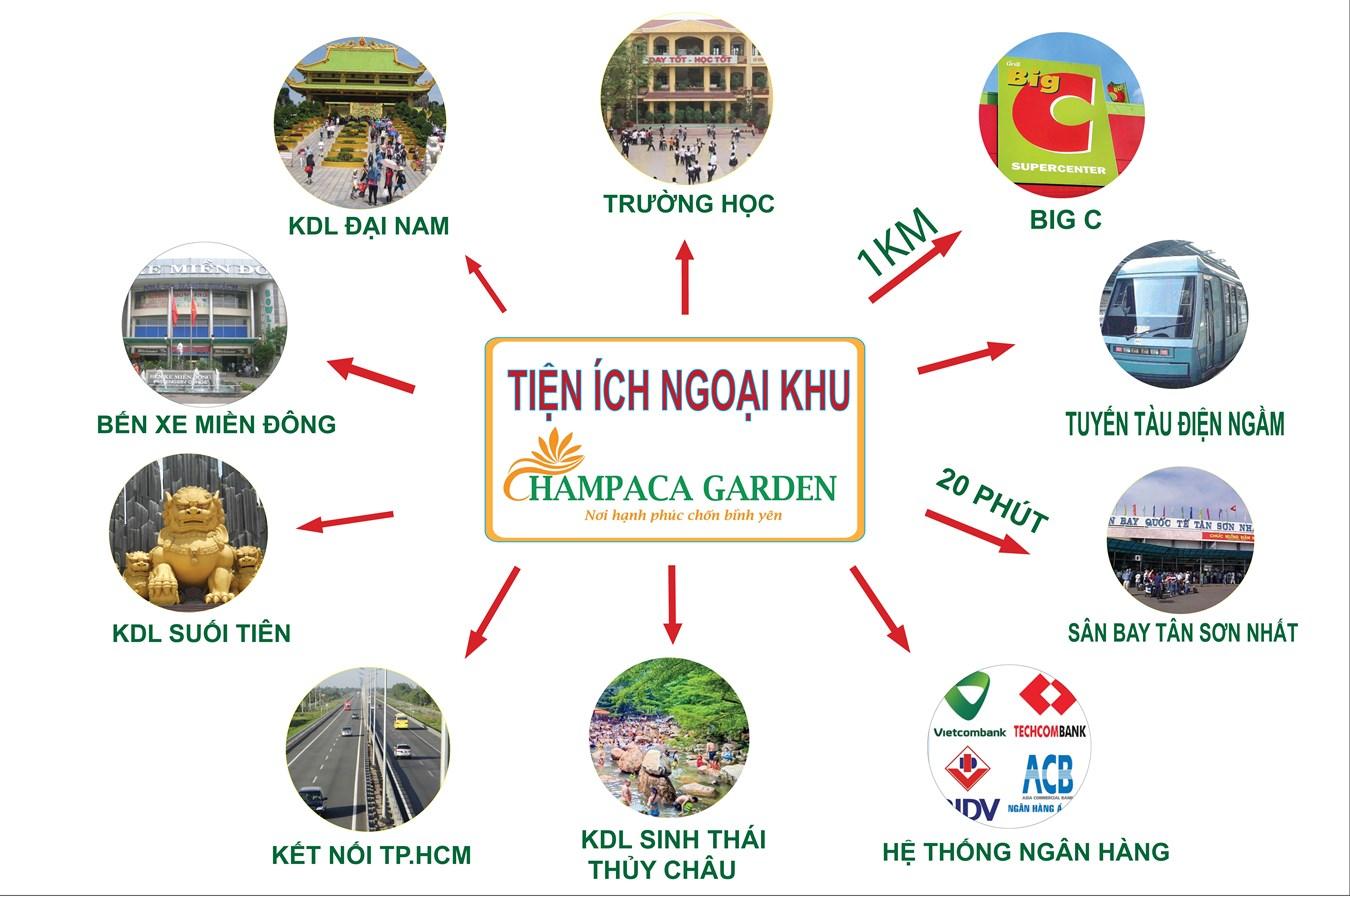 Tien-Ich-Ngoai-Khu-Du-An-Champaca-Garden-Binh-Duong